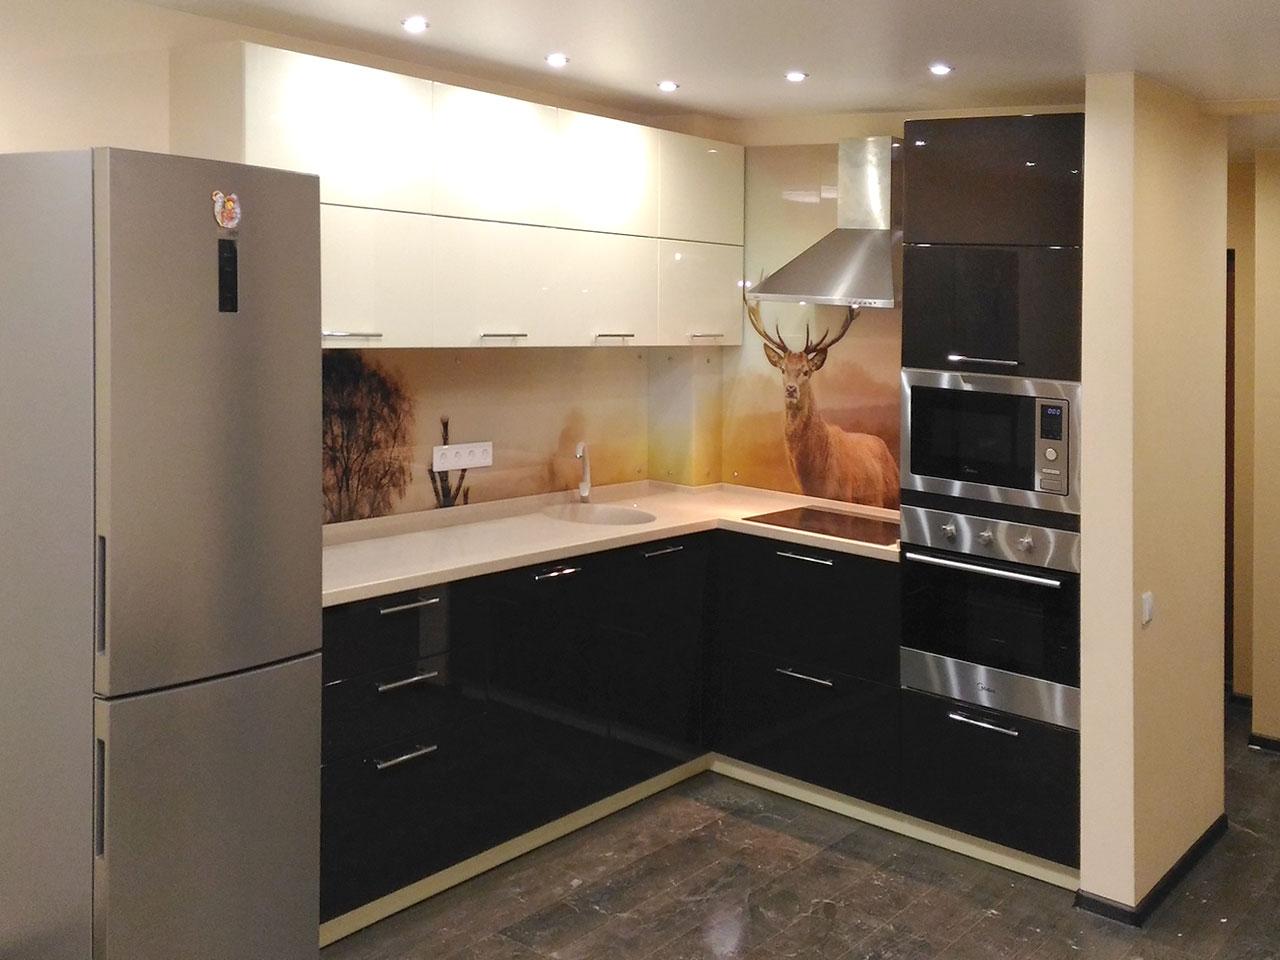 Фото. Угловые кухни. Цена 190 тыс. рублей